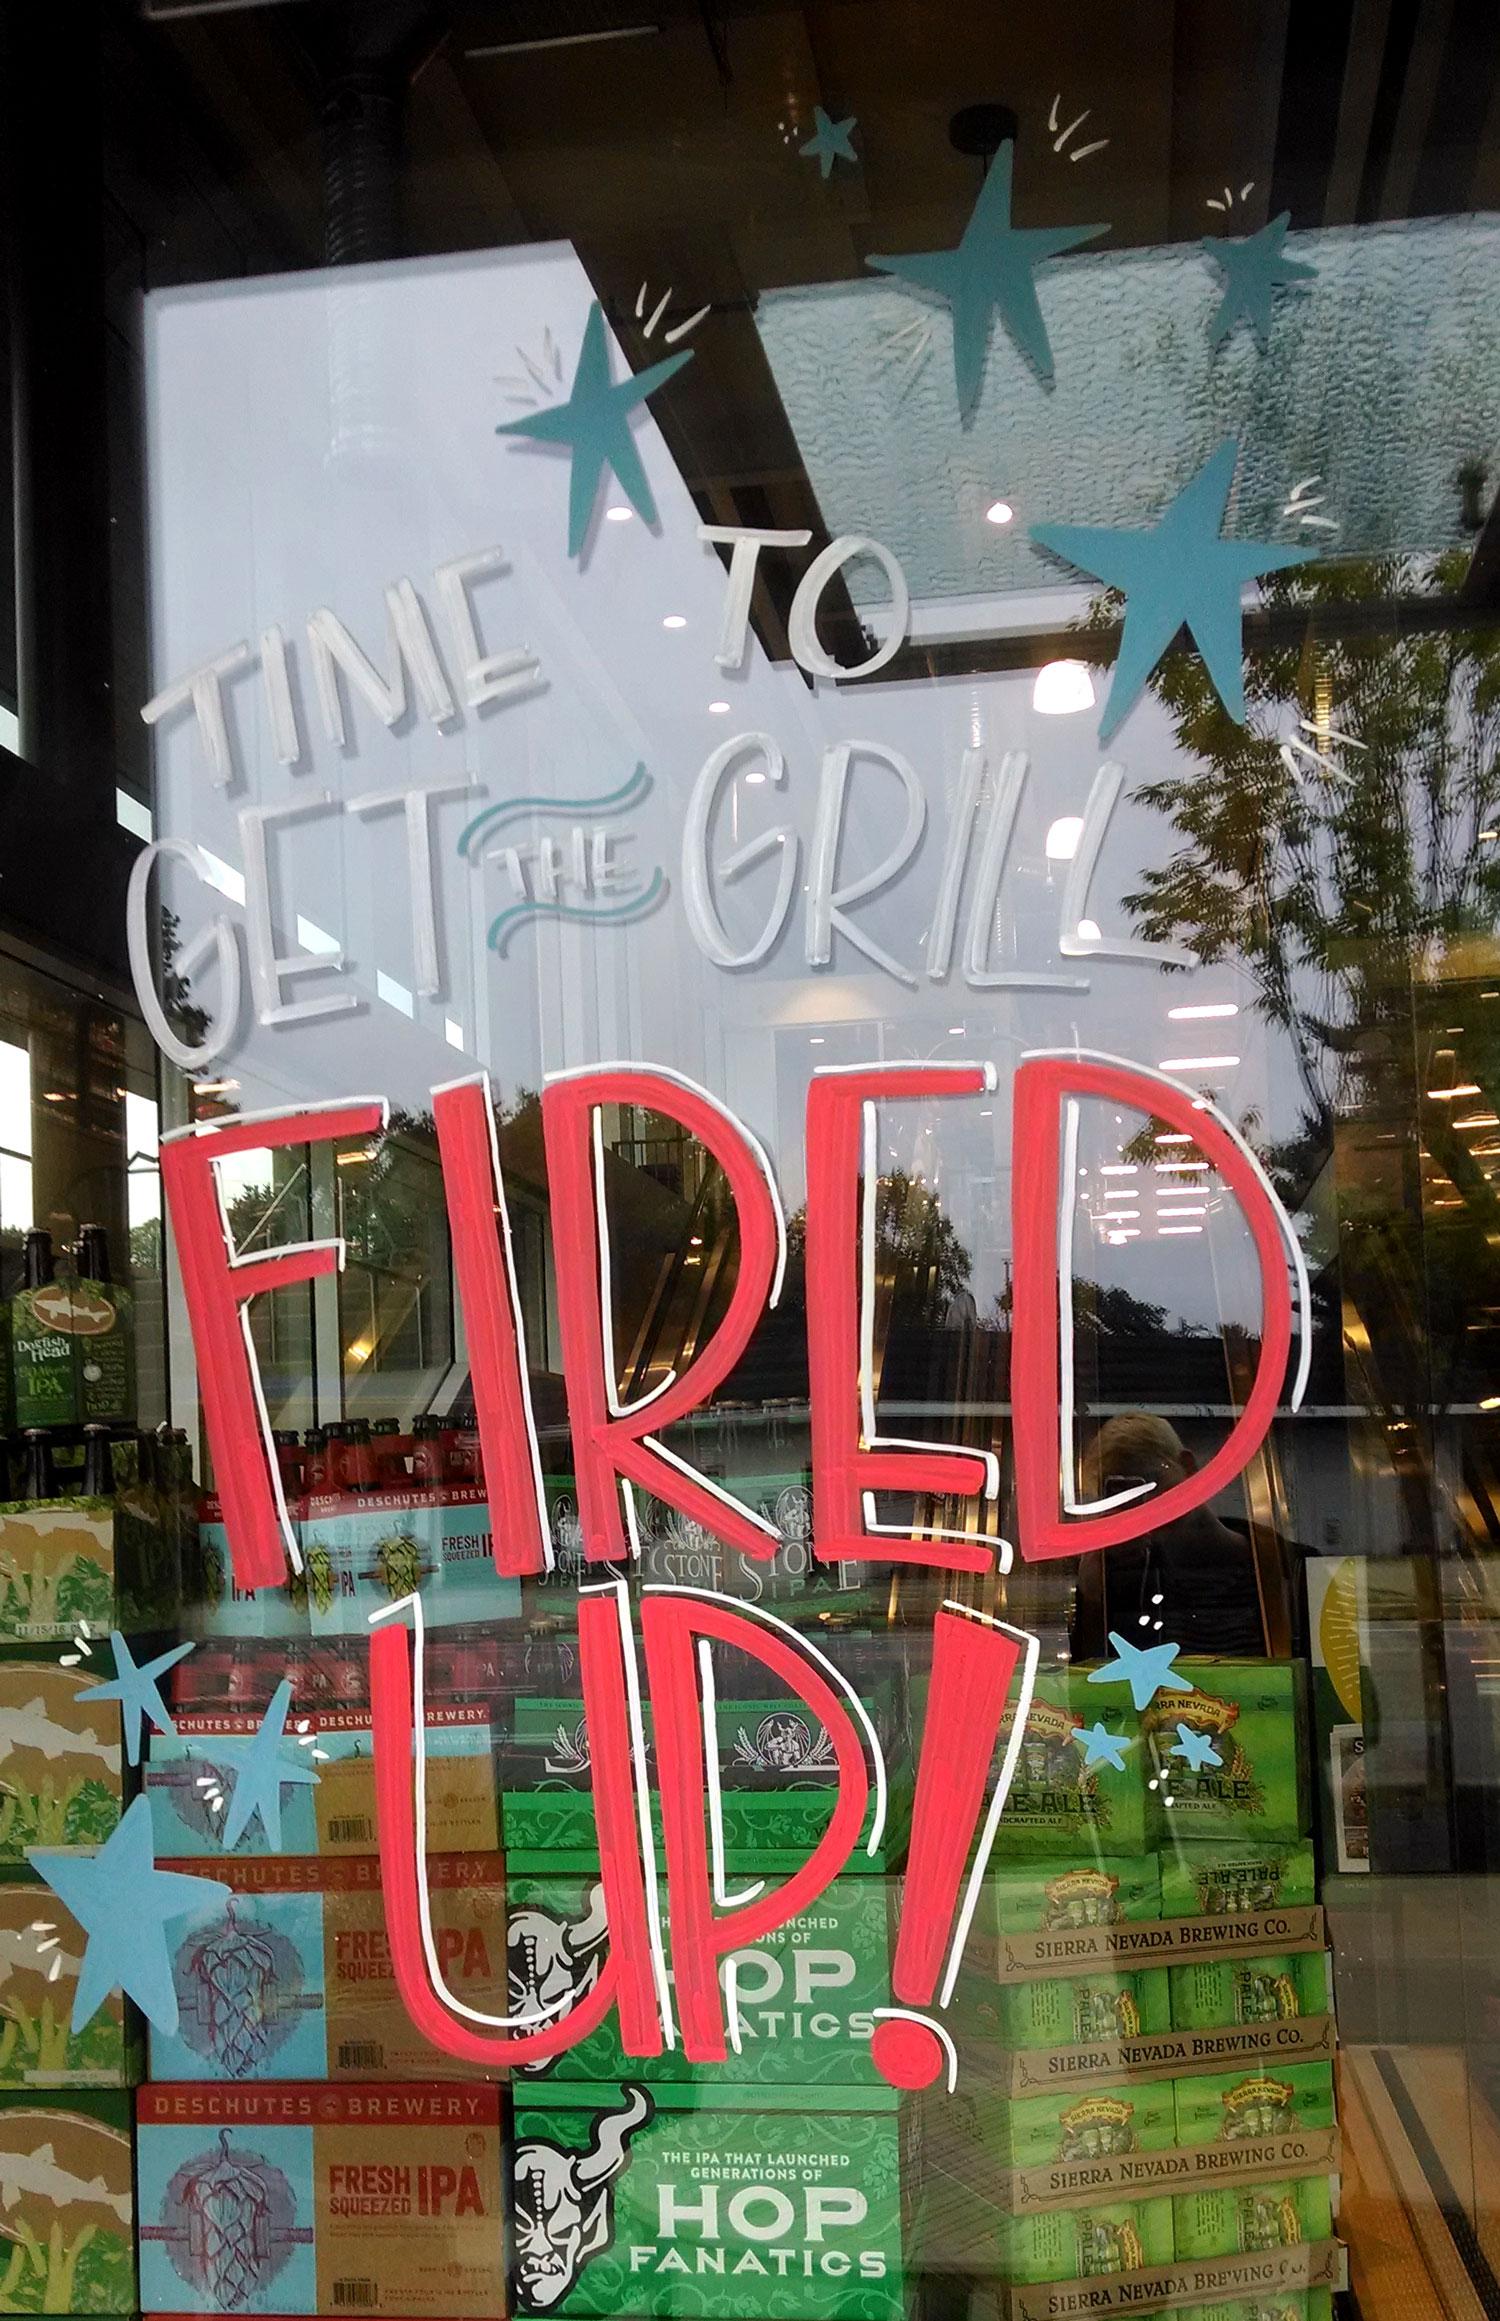 firedup_grilling_summer_wholefoods_chalk.jpg